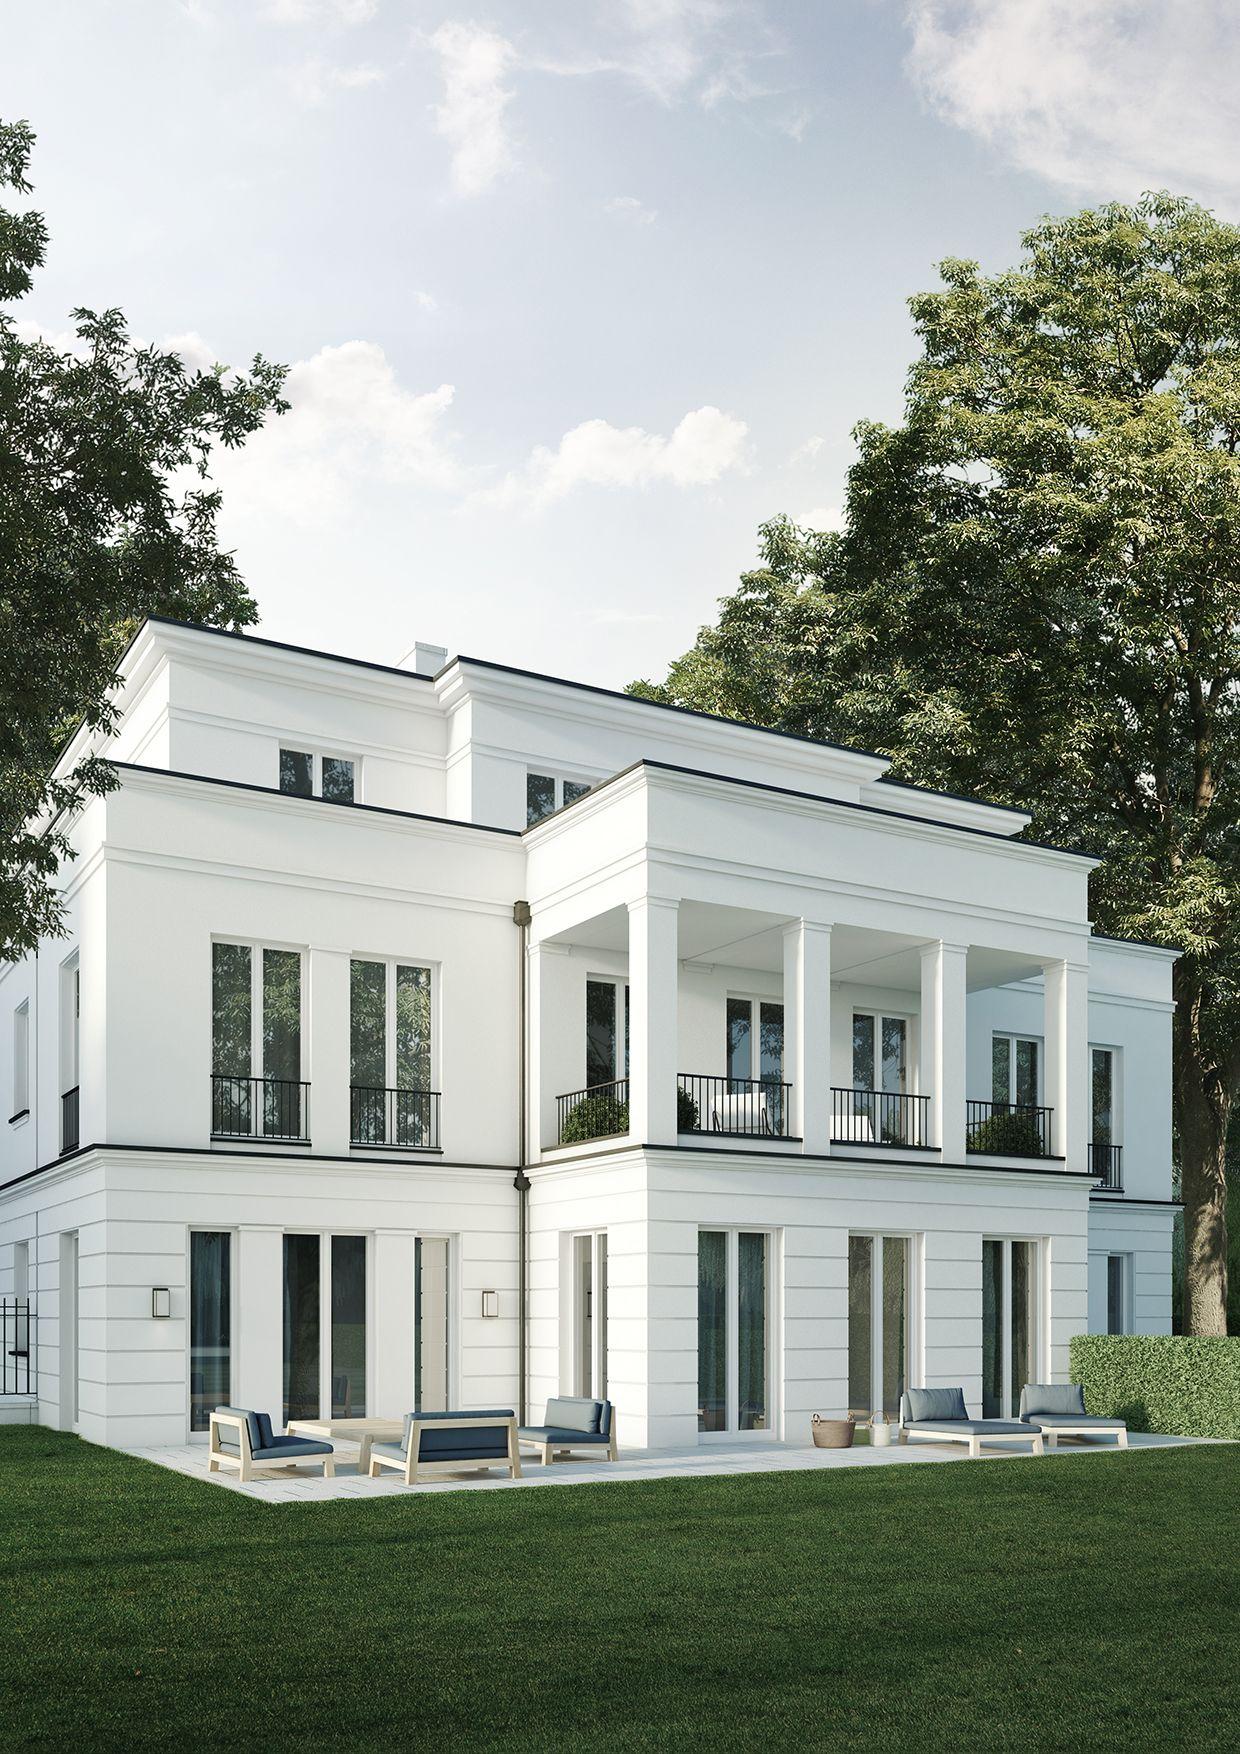 Wohnhaus mit 4 wohneinheiten berlin grunewald projekte for Grundriss wohnhaus